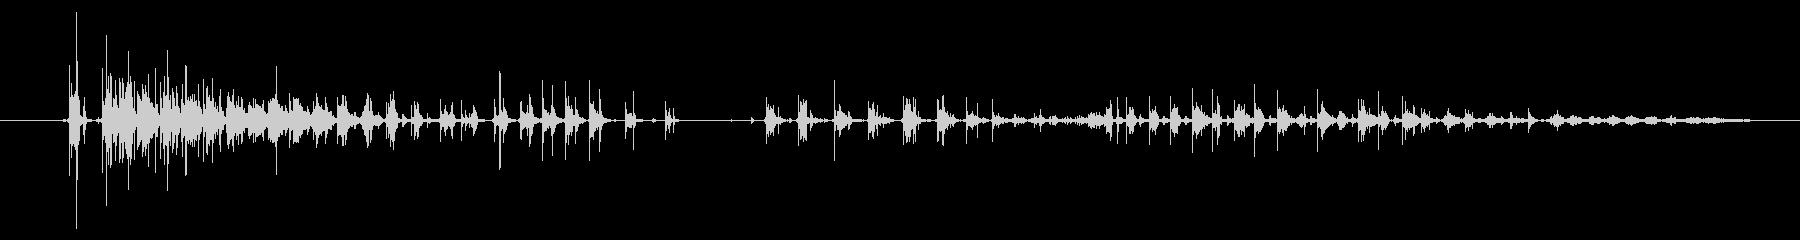 口 ブローリップス01の未再生の波形